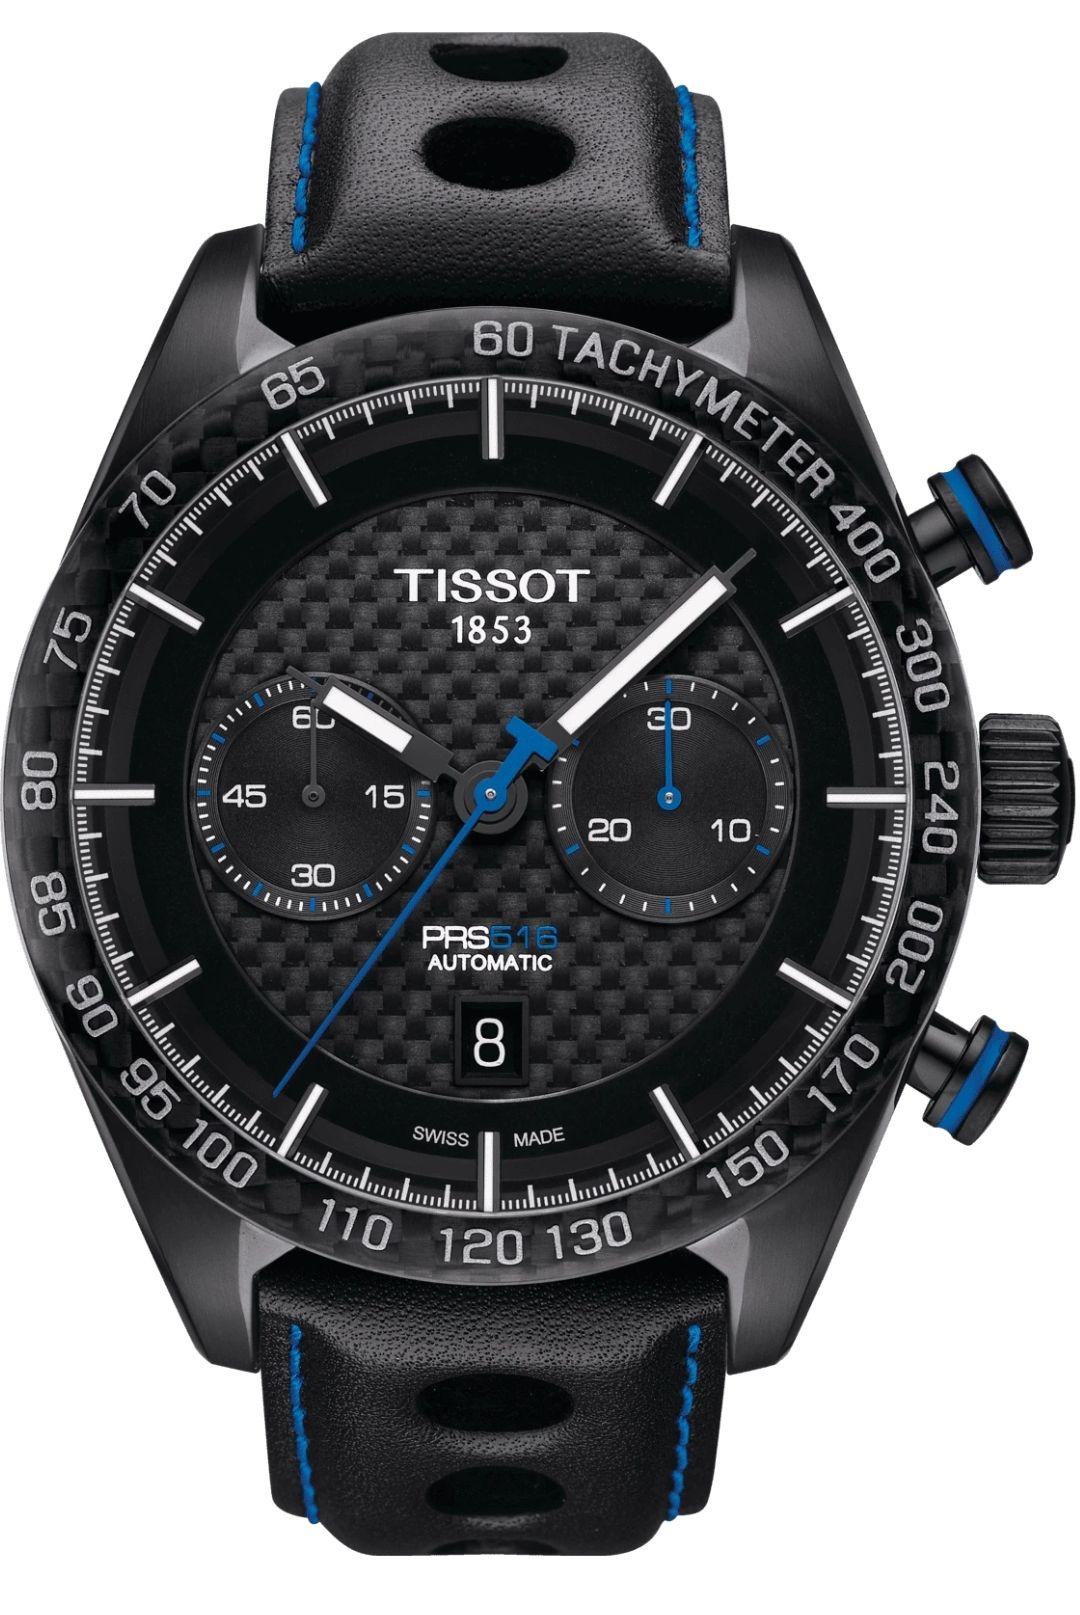 Montre Automatique Chronographe Tissot PRS 516 T100.430.37.201.00 - Verre Saphir, Valjoux A05.H31, 45 mm (Frais de port et de douane inclus)